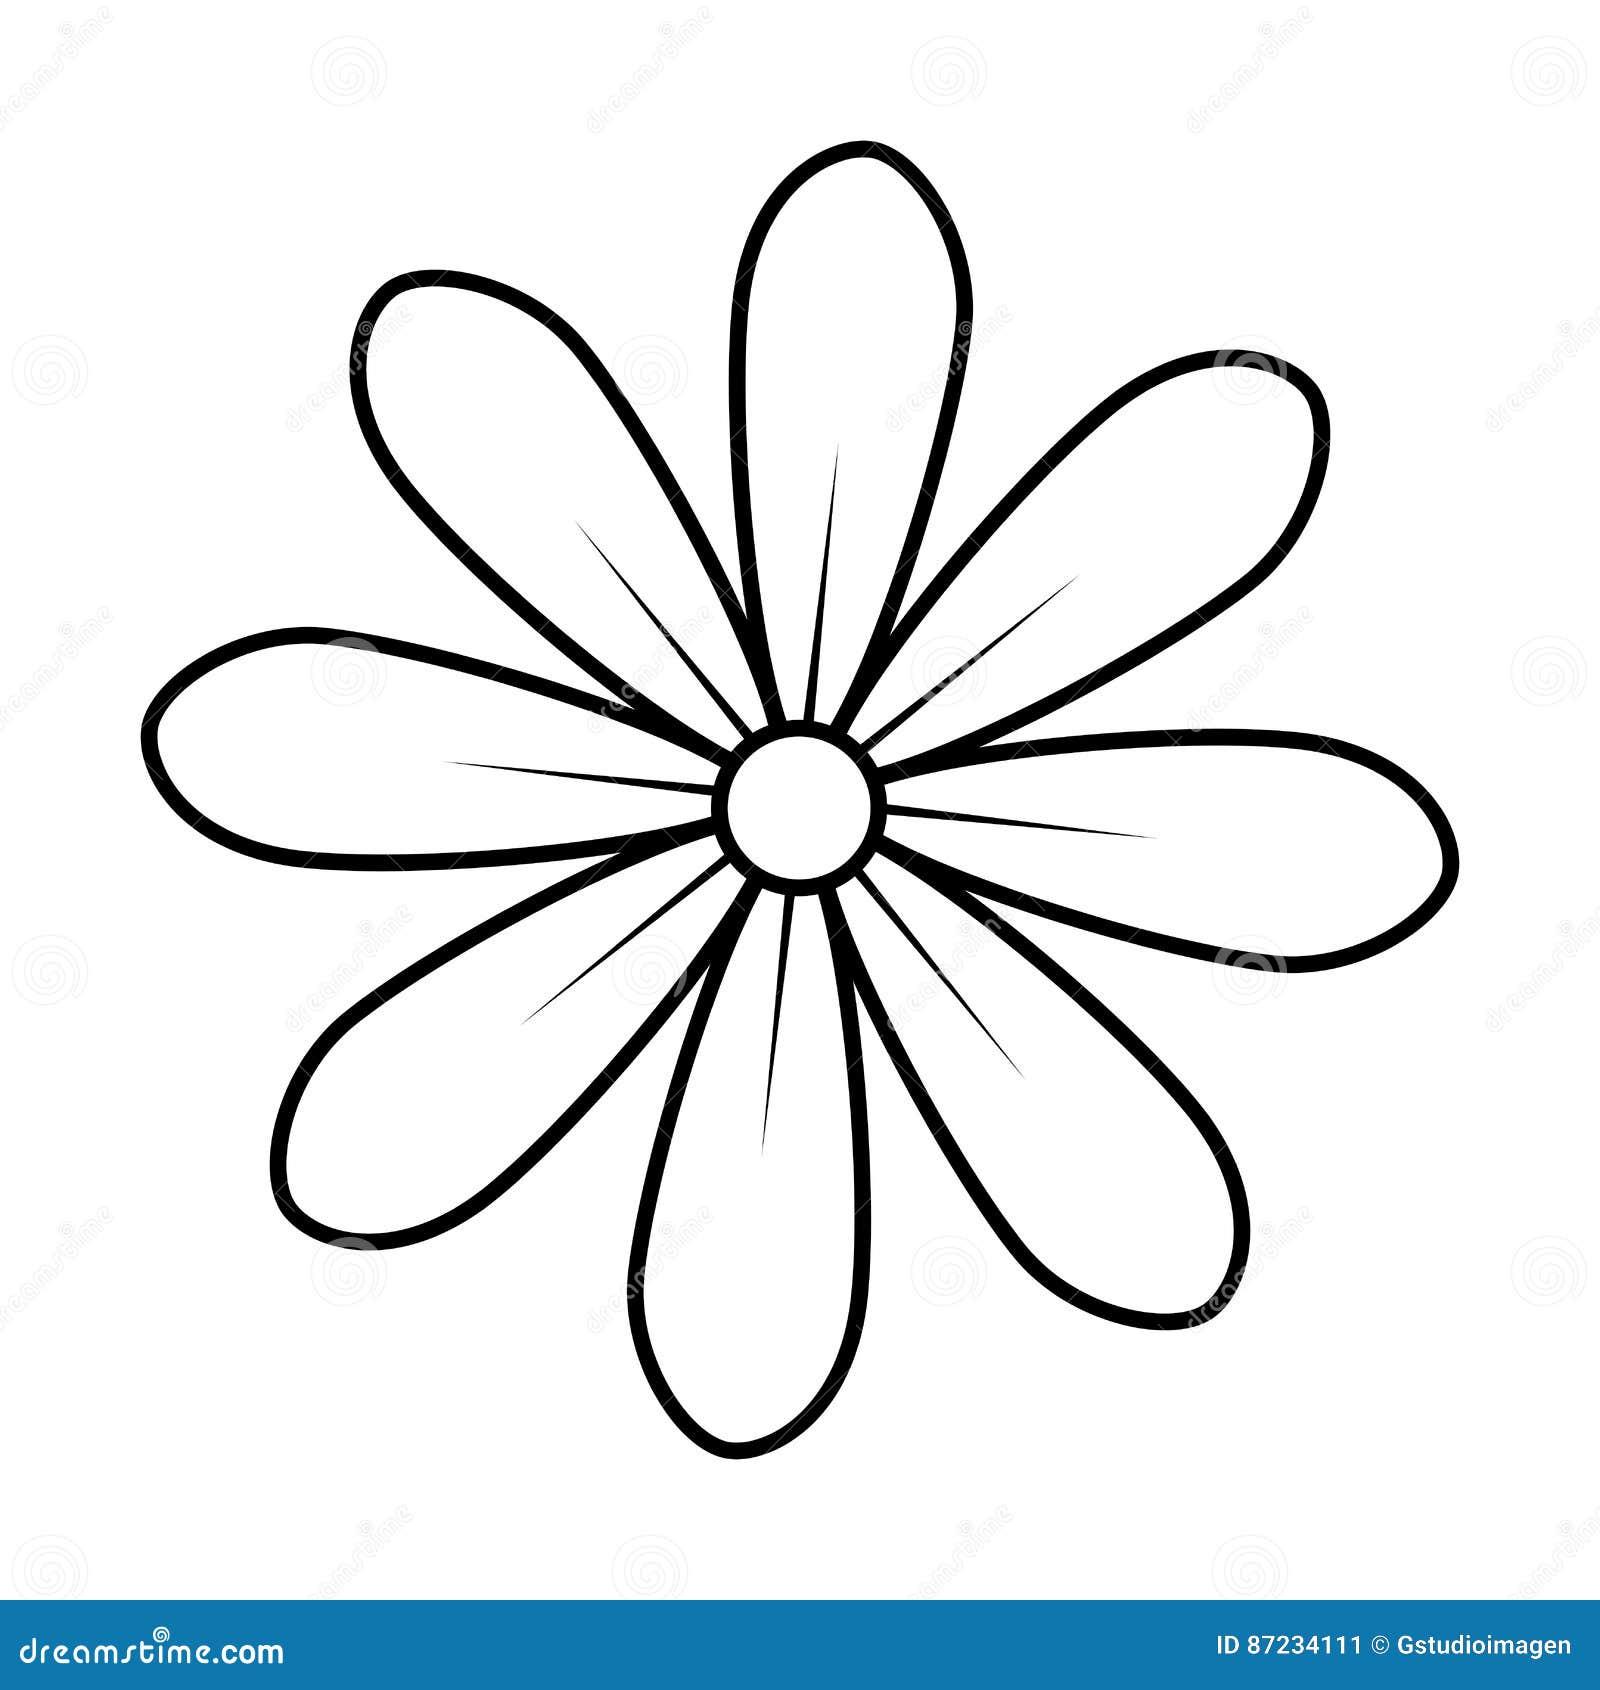 Contorno Monocromatico Do Design Floral Do Icone Da Flor Da